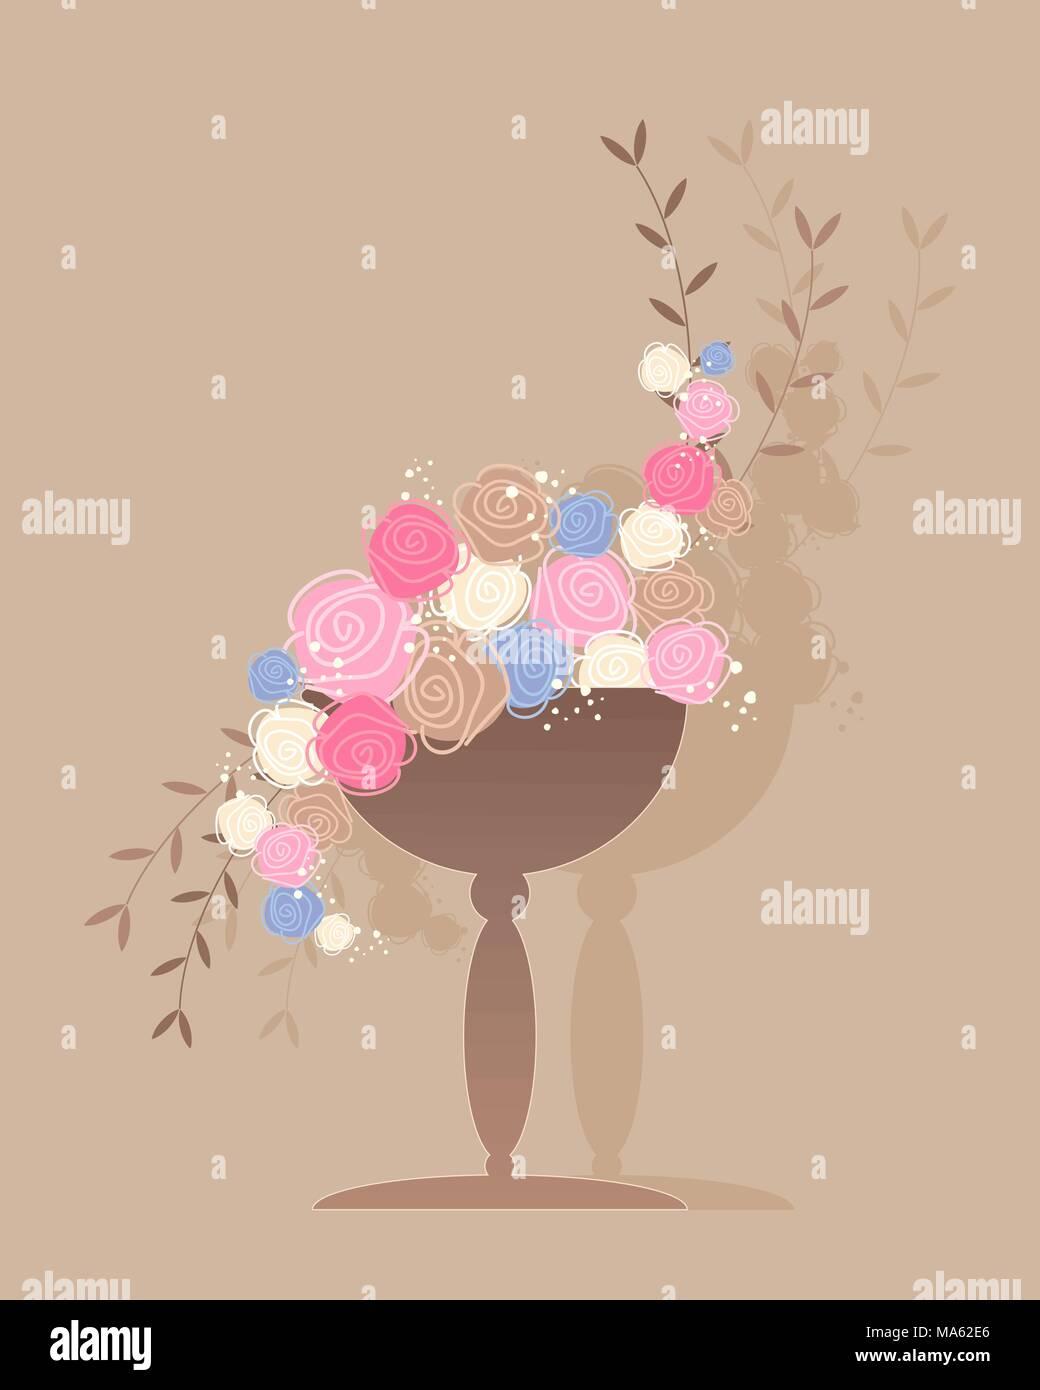 Una illustrazione vettoriale in formato eps di una pianta ornamentale vaso pieno di rose astratto in marrone rosa blu e crema nel saluto formato carta Immagini Stock